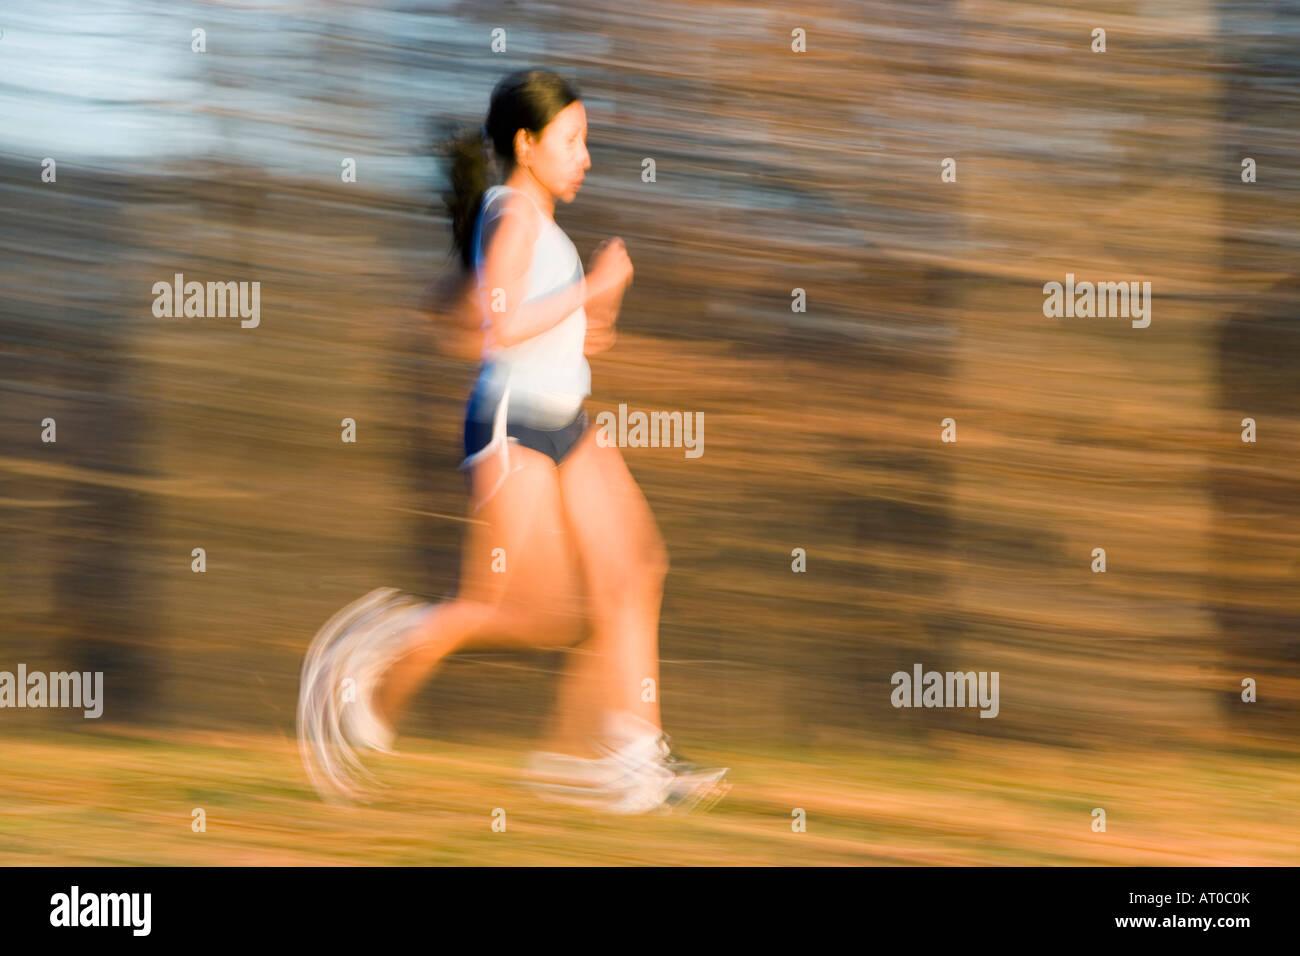 Junge Frau läuft Stockbild